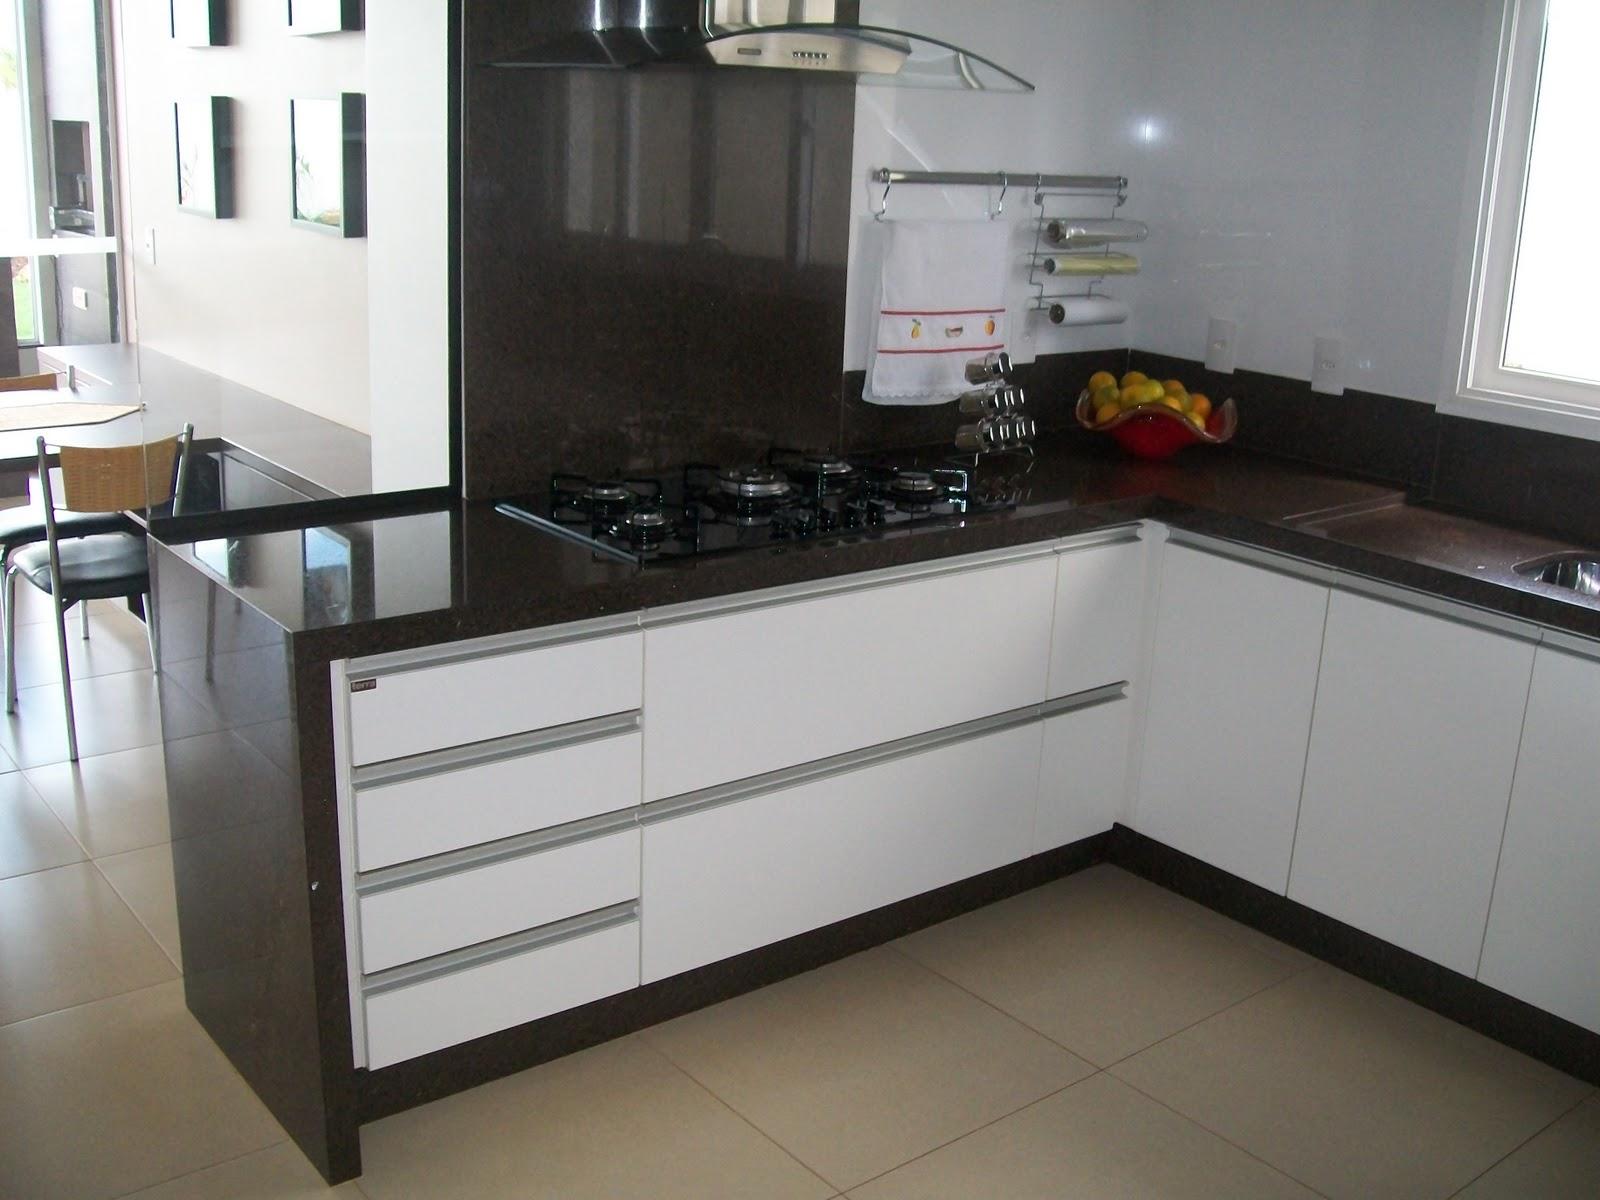 Cozinha Granito Verde Ajilbabcom Portal Picture Car Interior Design #5B5141 1600 1200